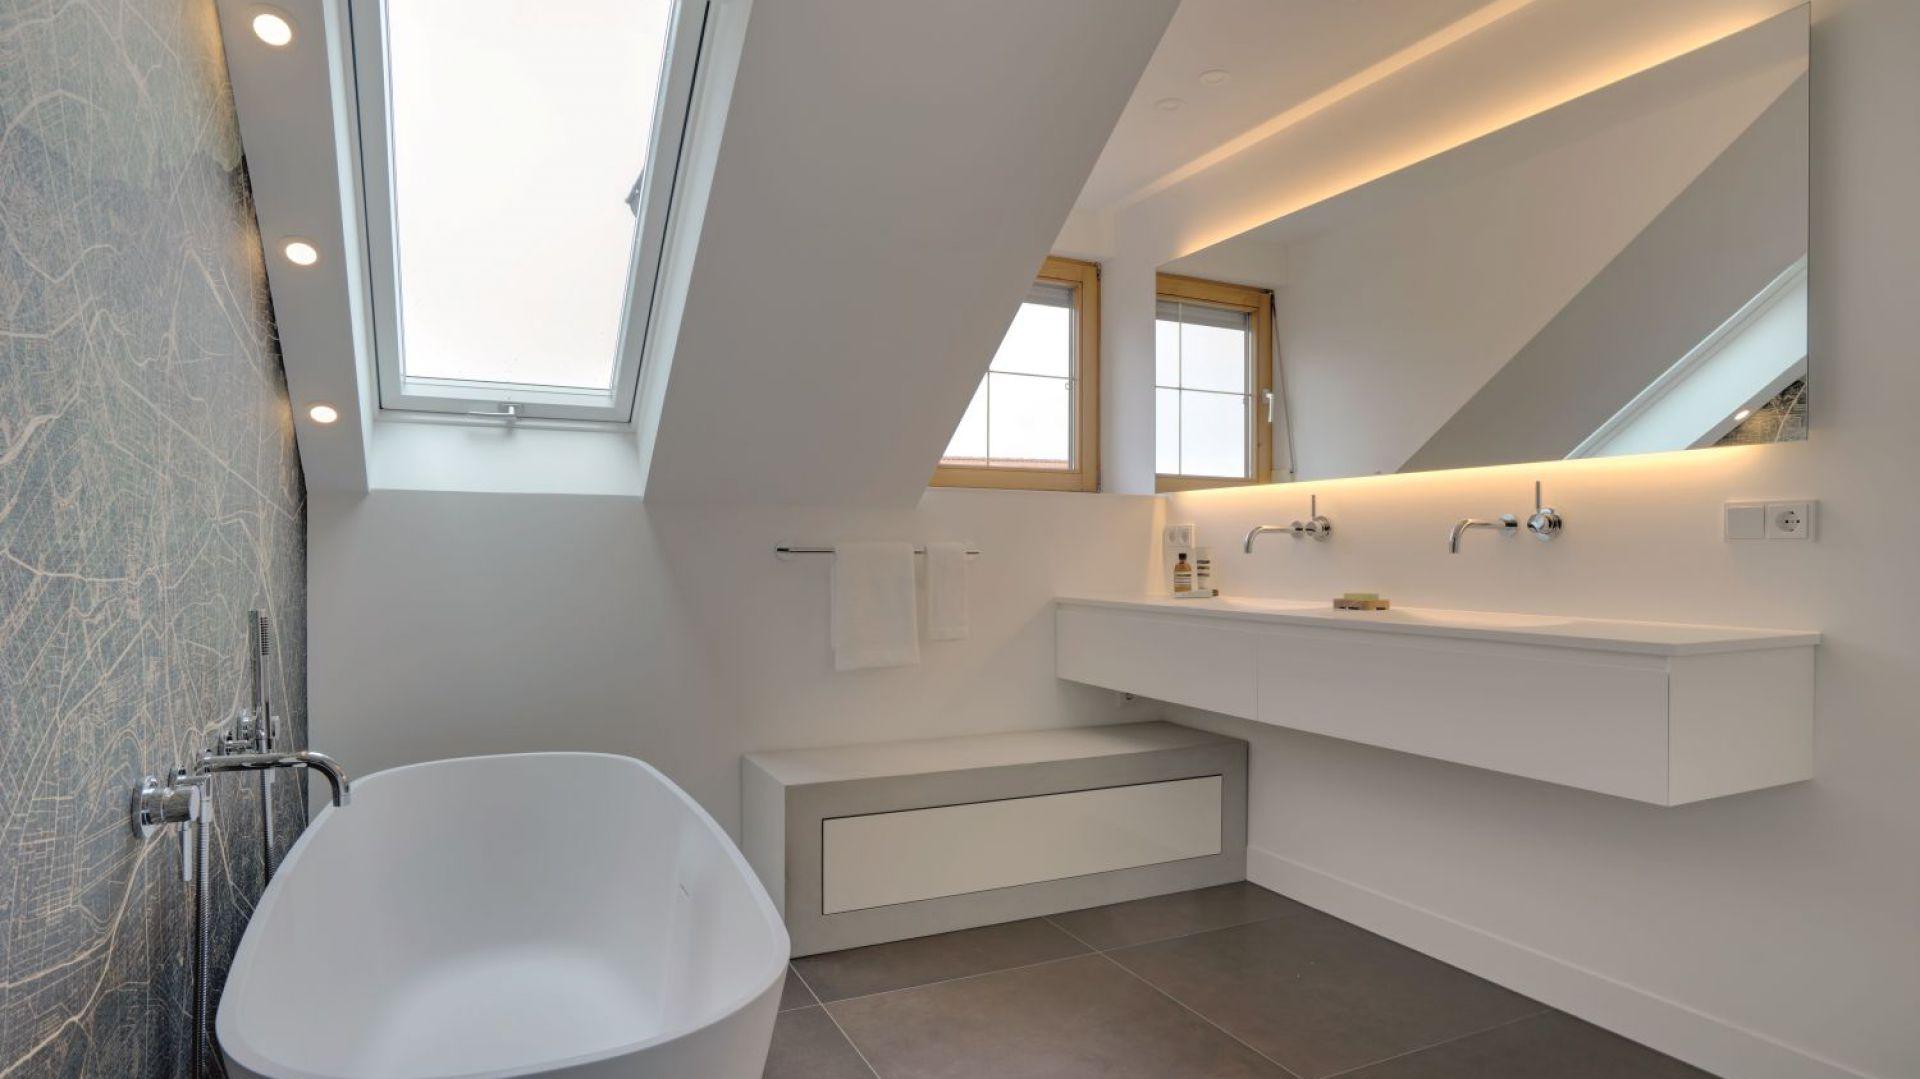 Mała łazienka Tak Zmieniła Się Po Remoncie